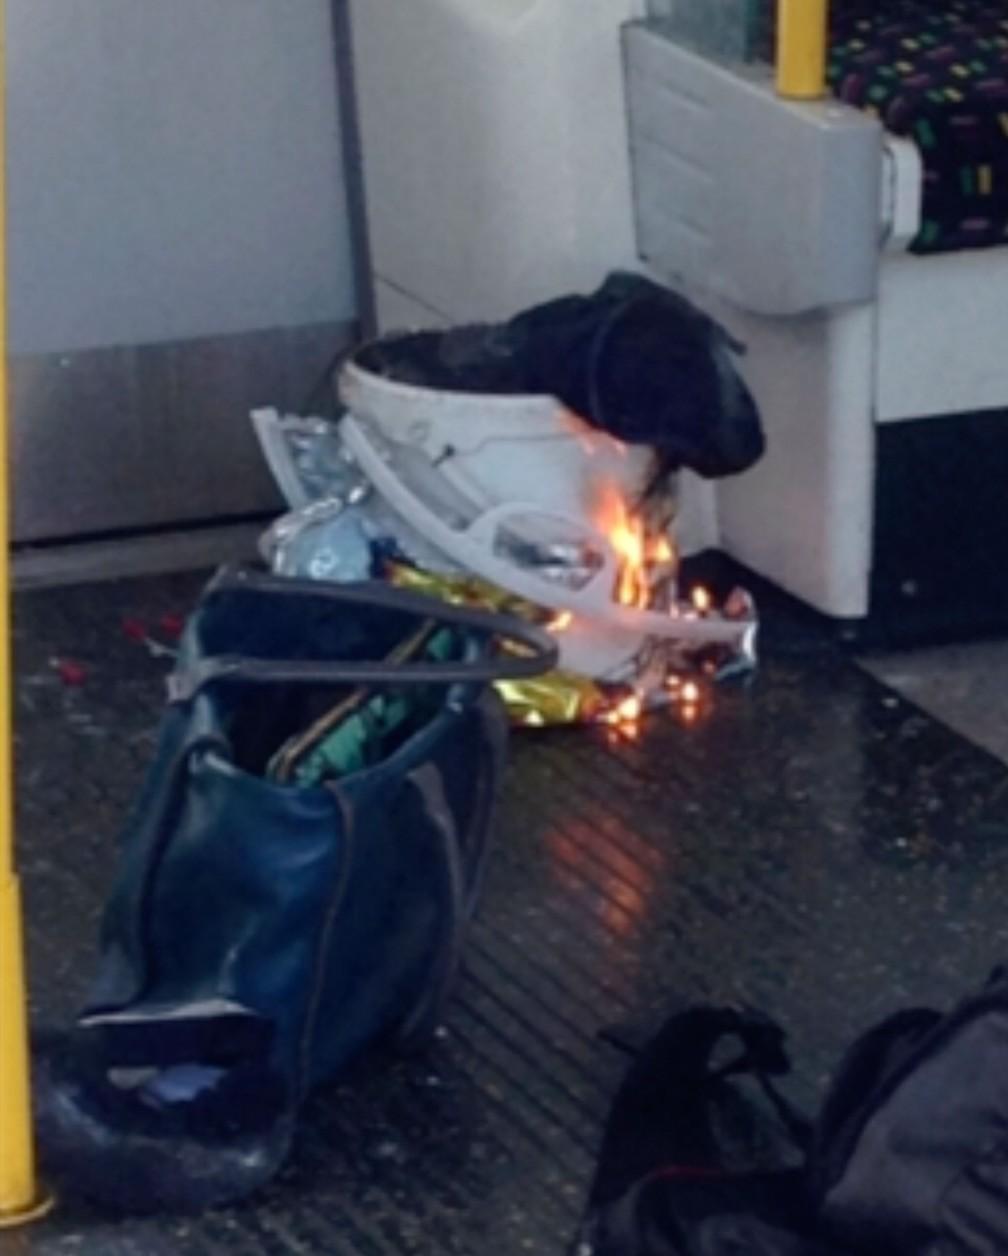 Imagem extraída de vídeo mostra fogo dentro de trem na estação de metrô Parsons Green, em Londres, nesta sexta-feira (15)  (Foto: @RRIGS via AP)